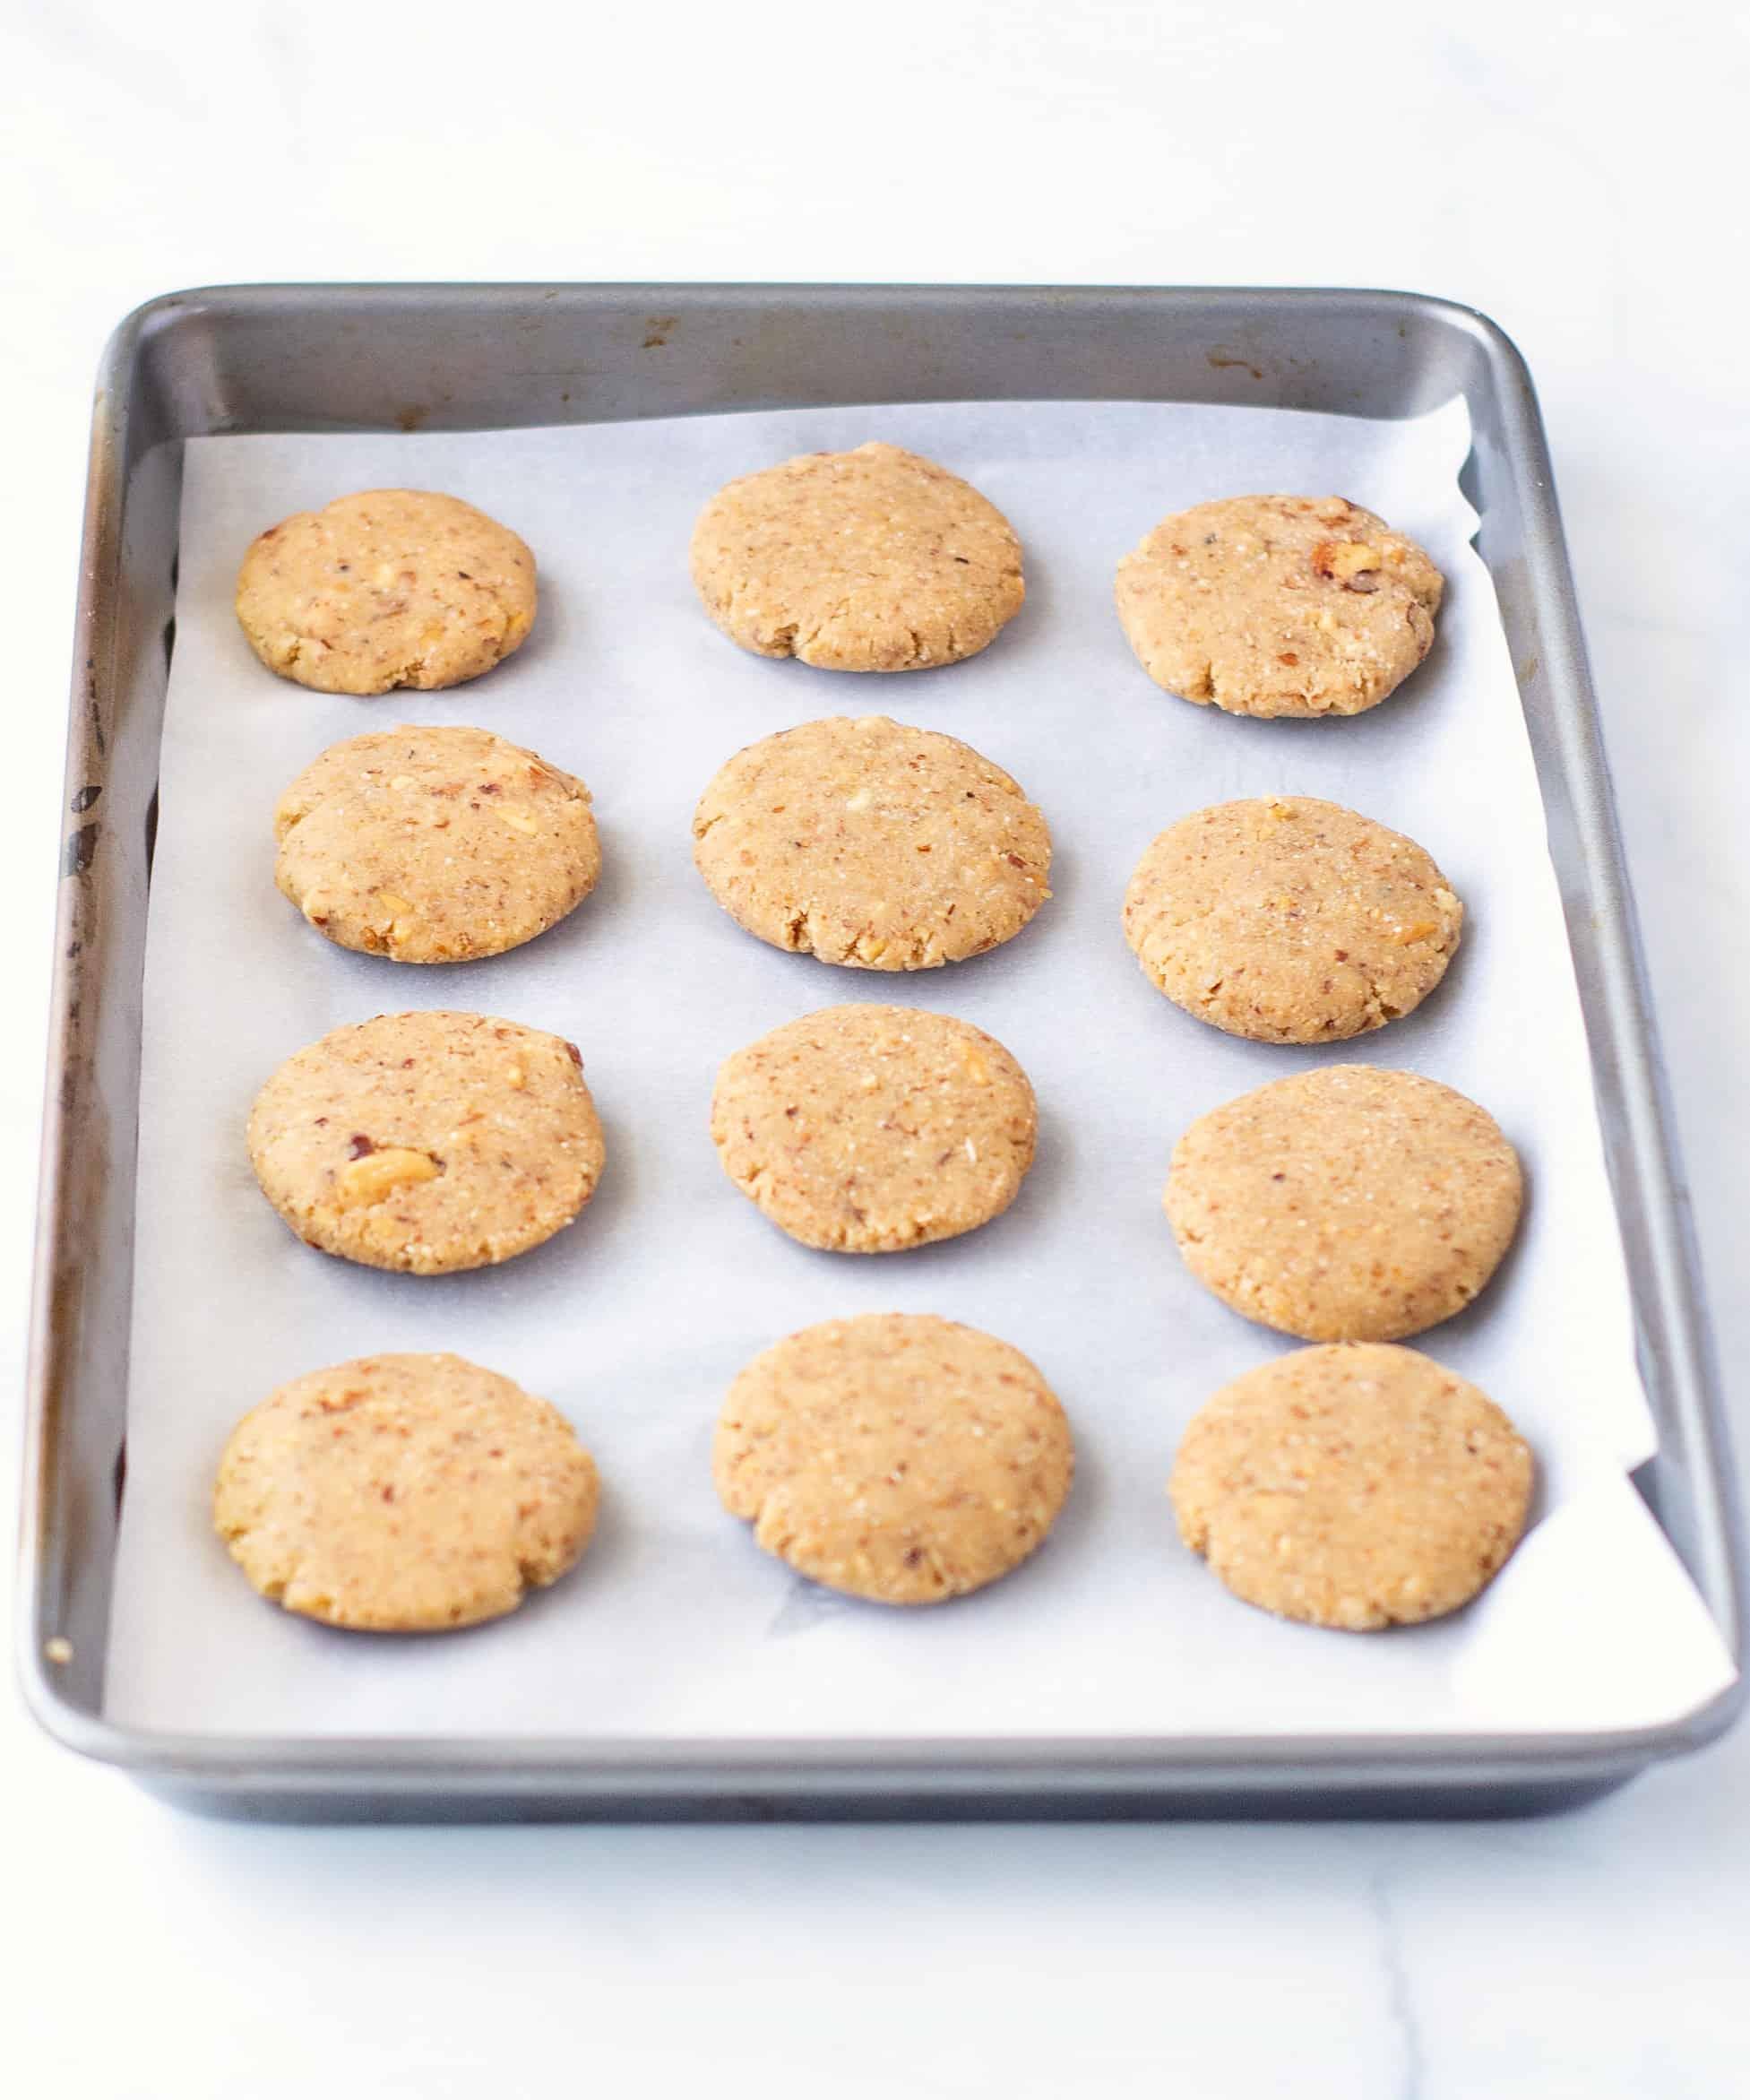 keto pb fit cookies